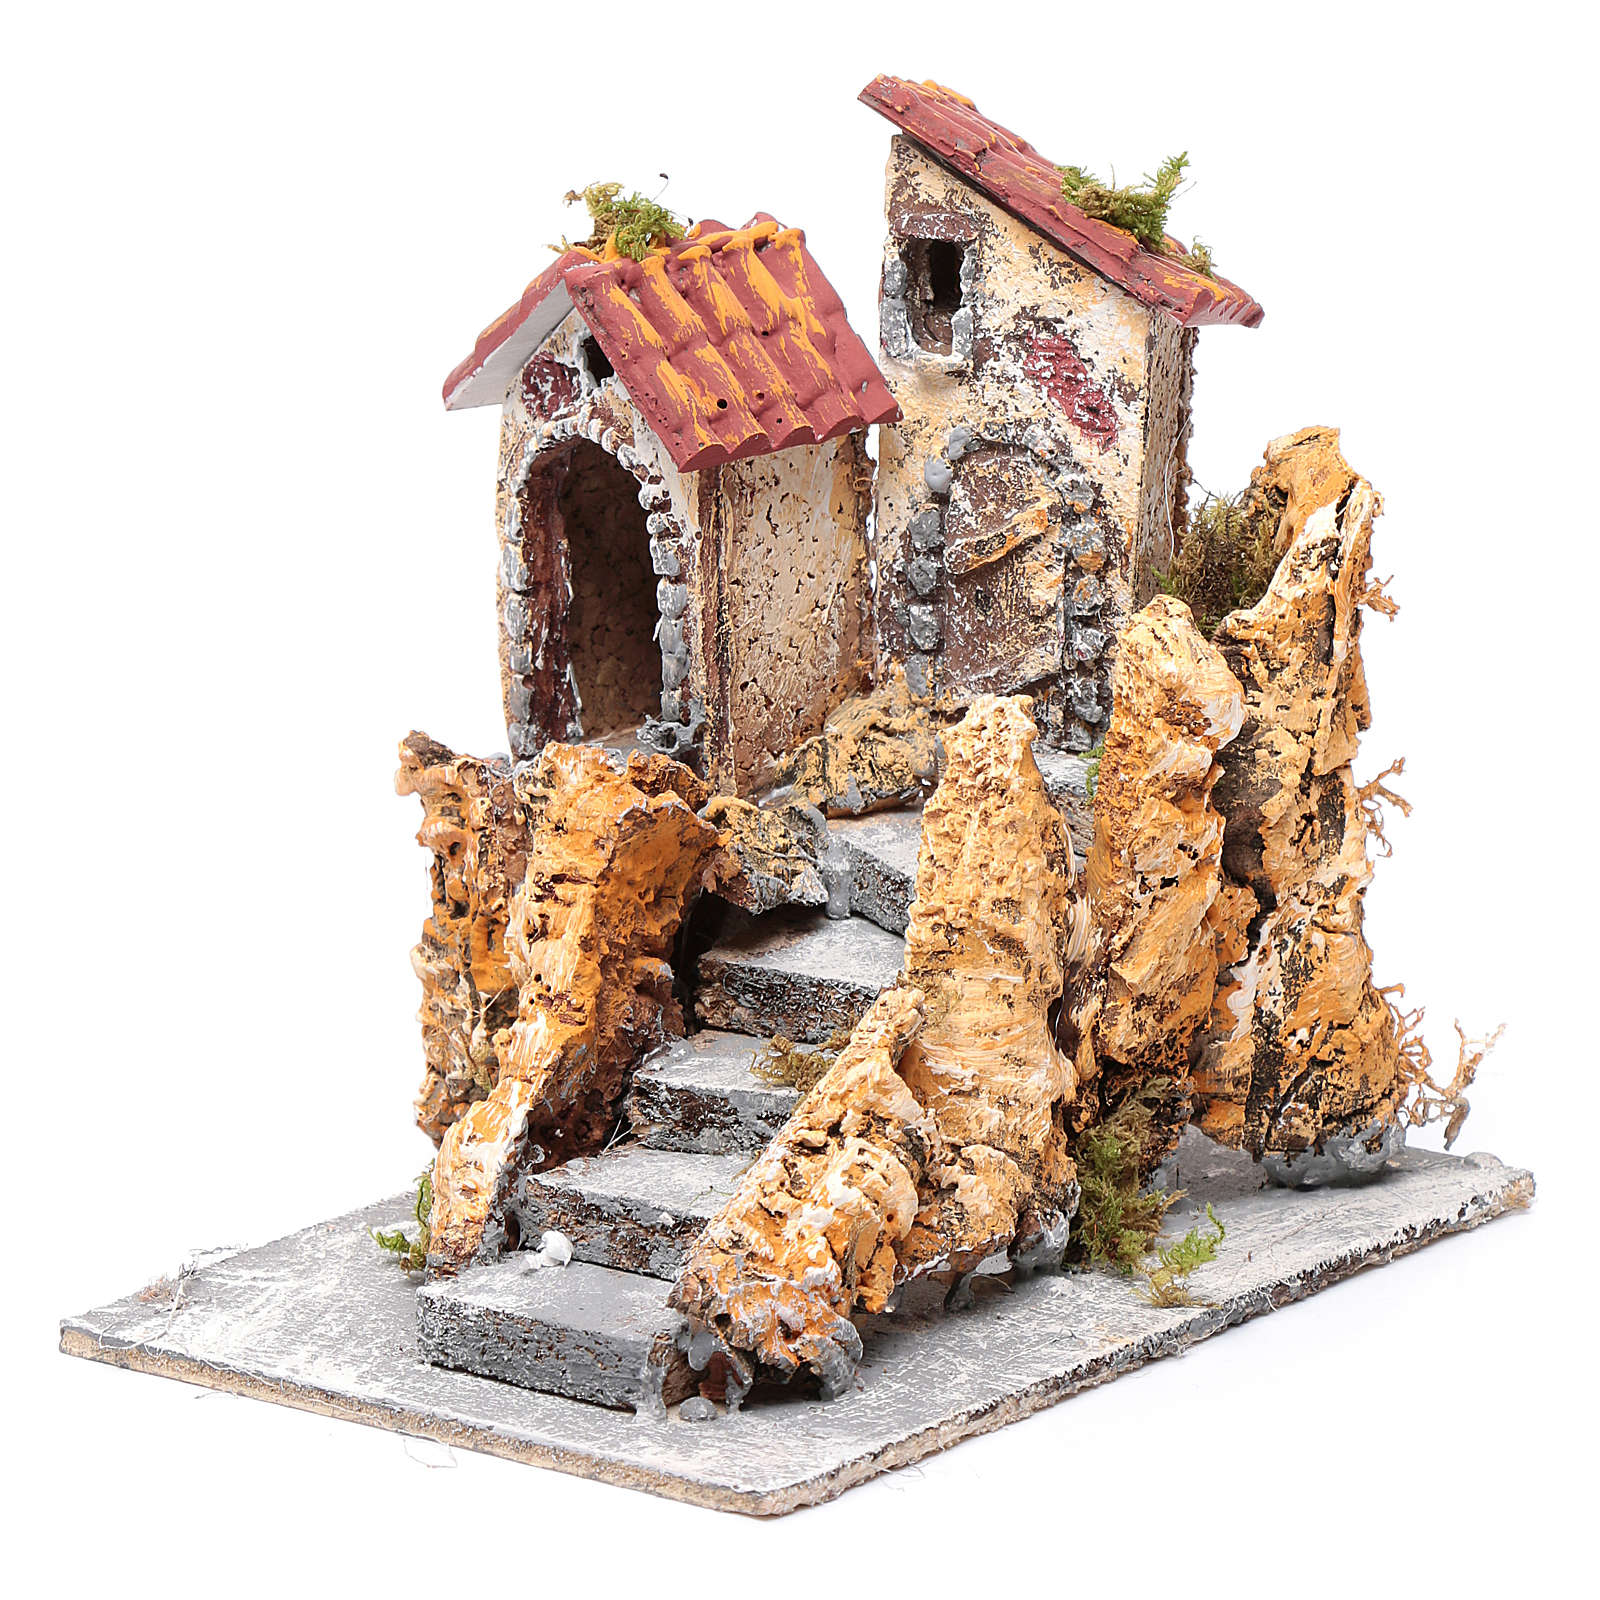 Domy ze schodami do szopki  korek i żywica 16x15x18 cm 4